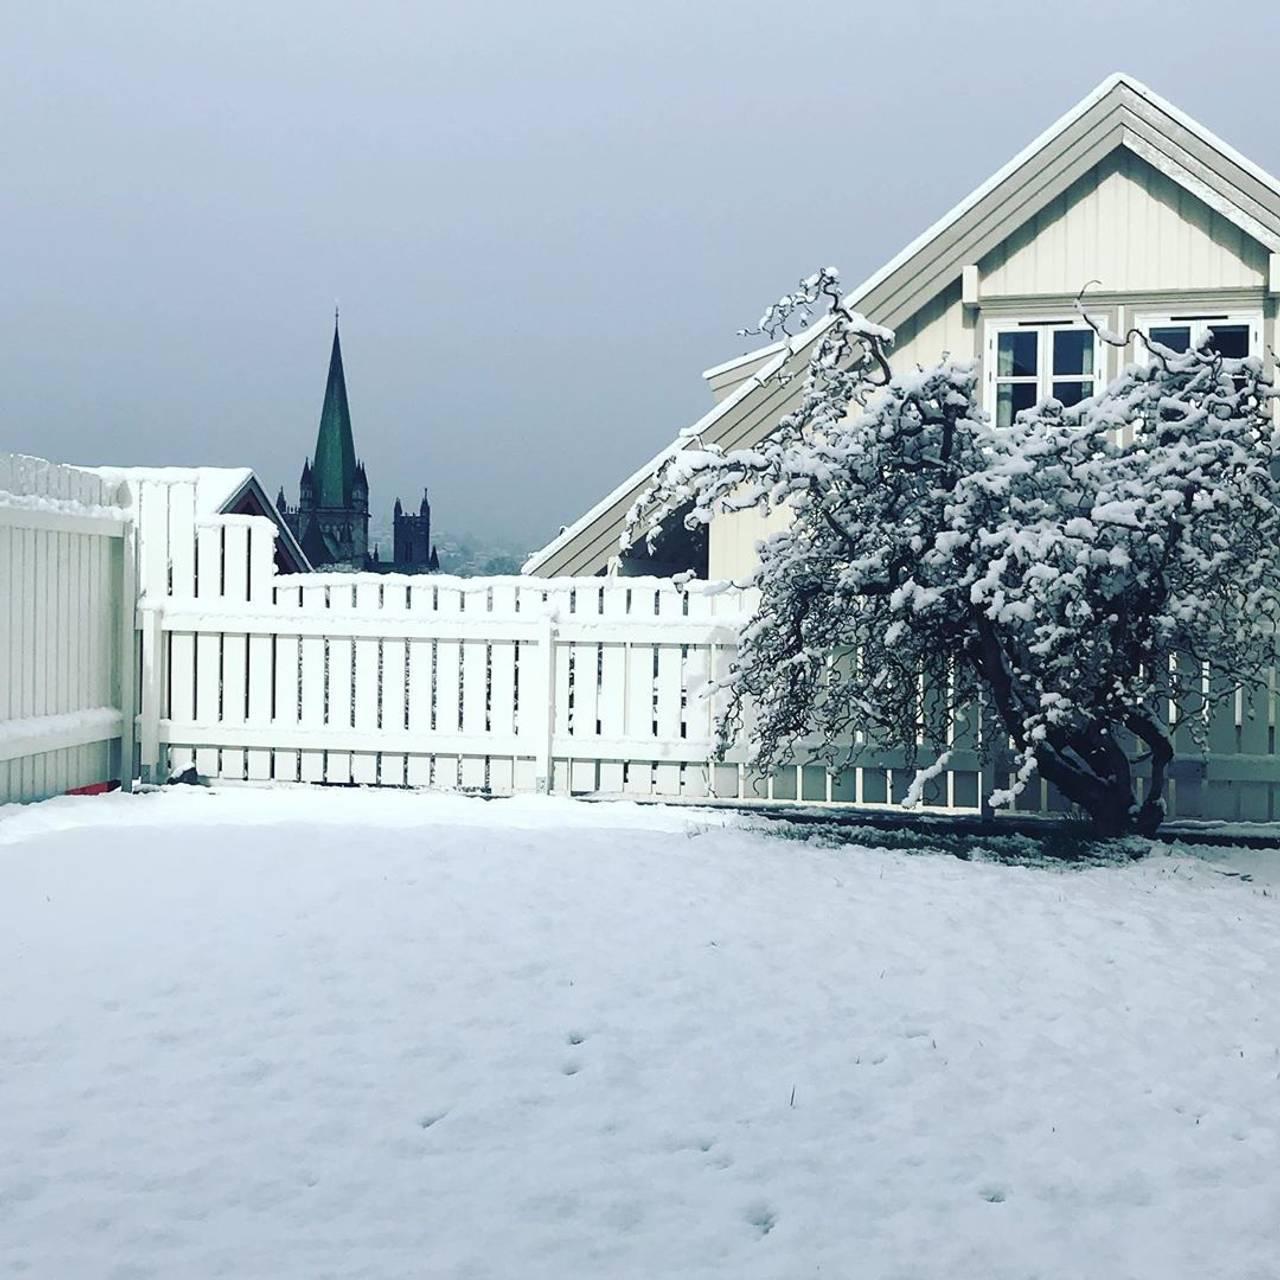 Snø i mai. Plena, treet og gjerdet i denne hagen er dekket av snø. Nidarosdomen i bakgrunnen.